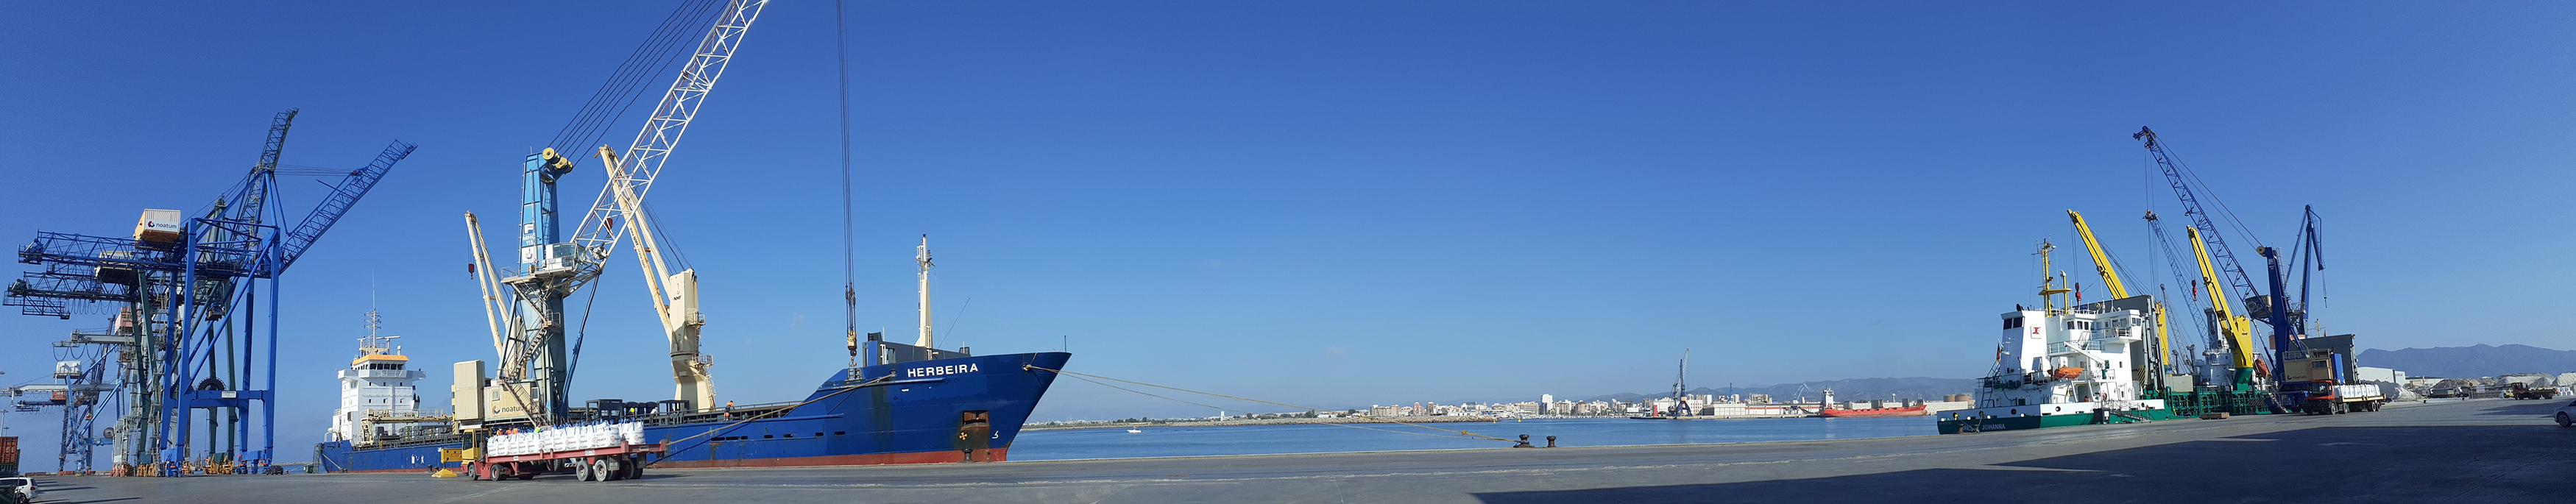 Marmedsa consolida su liderazgo en Argelia con la operación de tres buques de forma simultanea